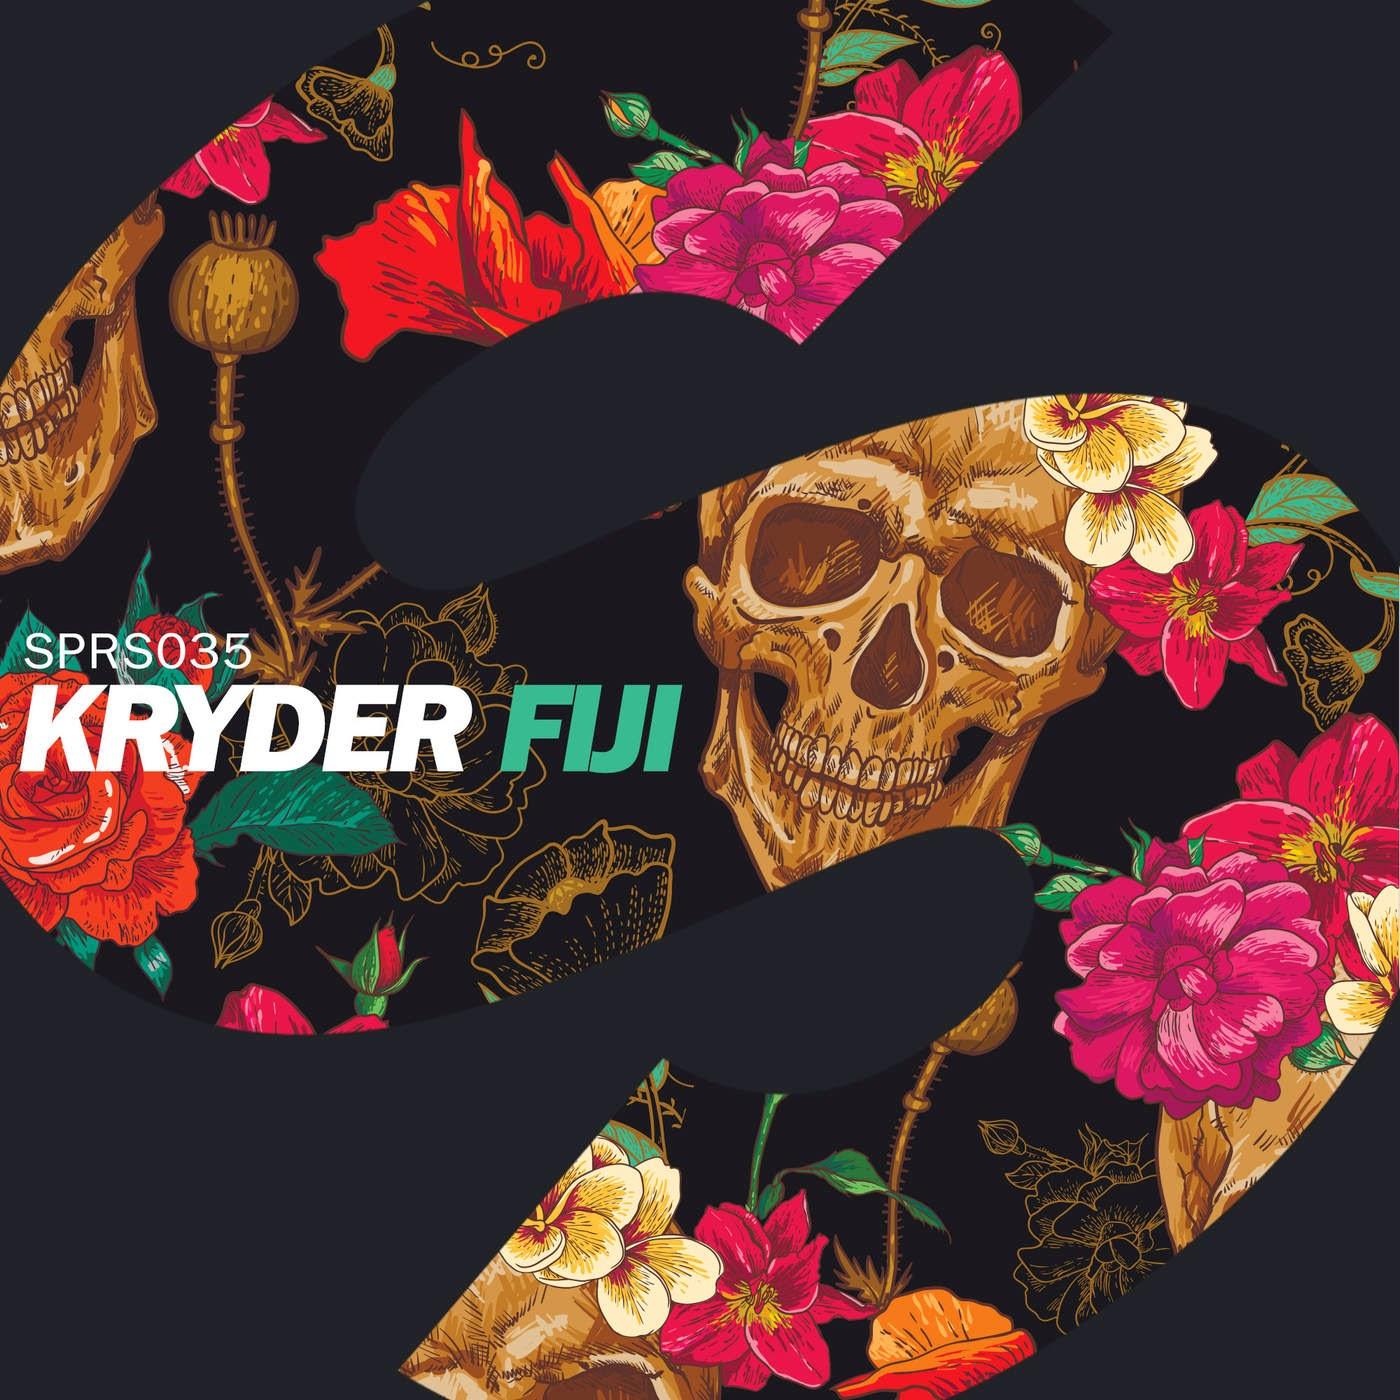 Kryder - Fiji - Single